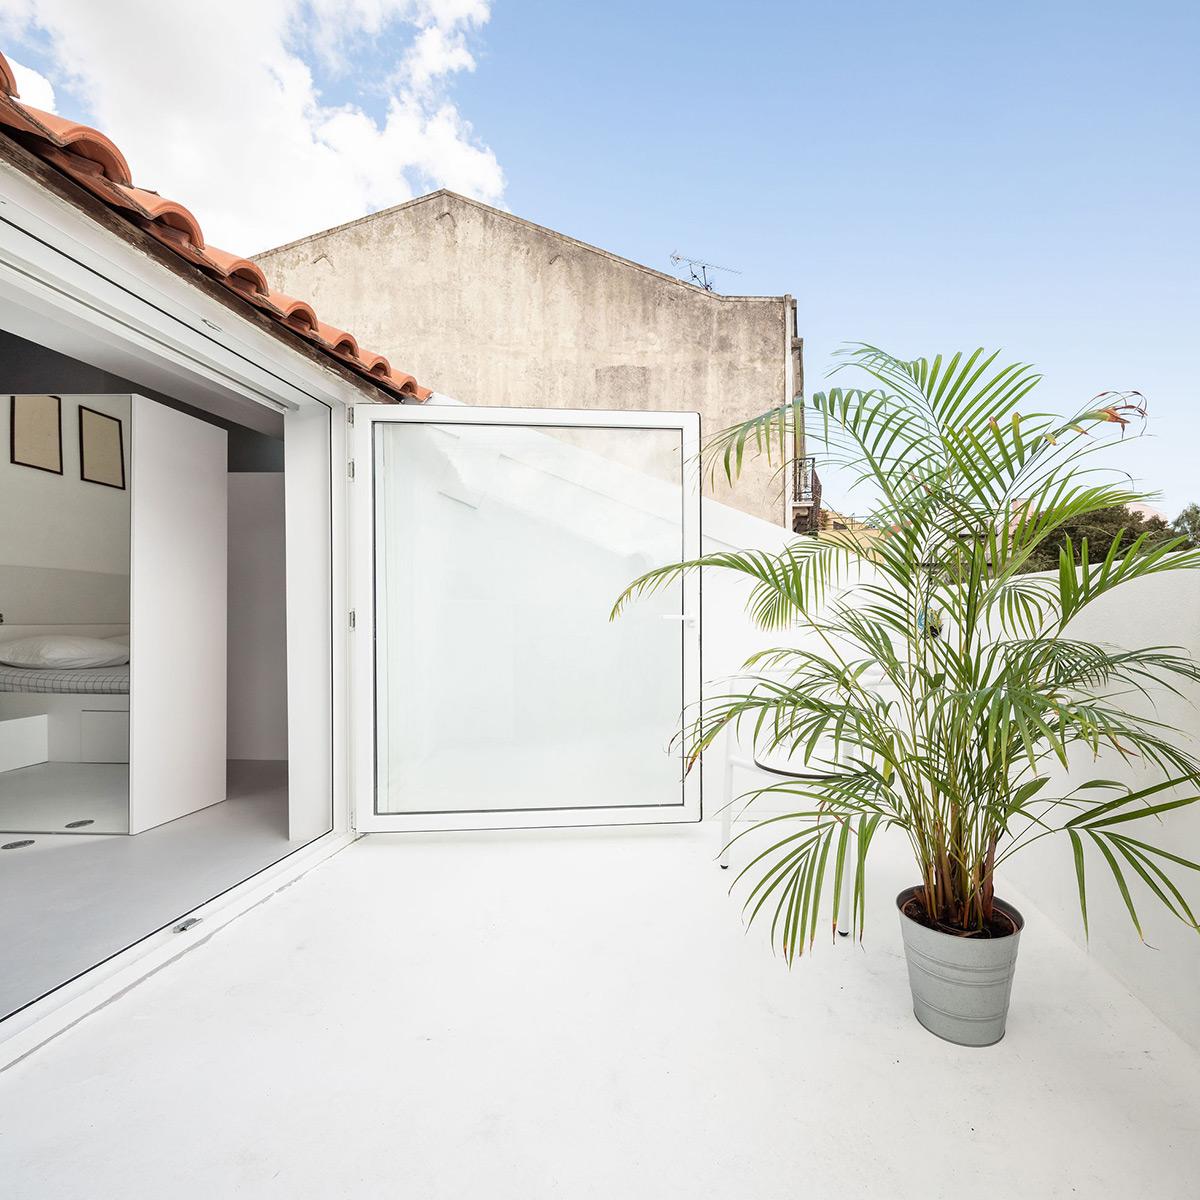 RGM-46-Duarte-Caldas-Architectural-Design-04